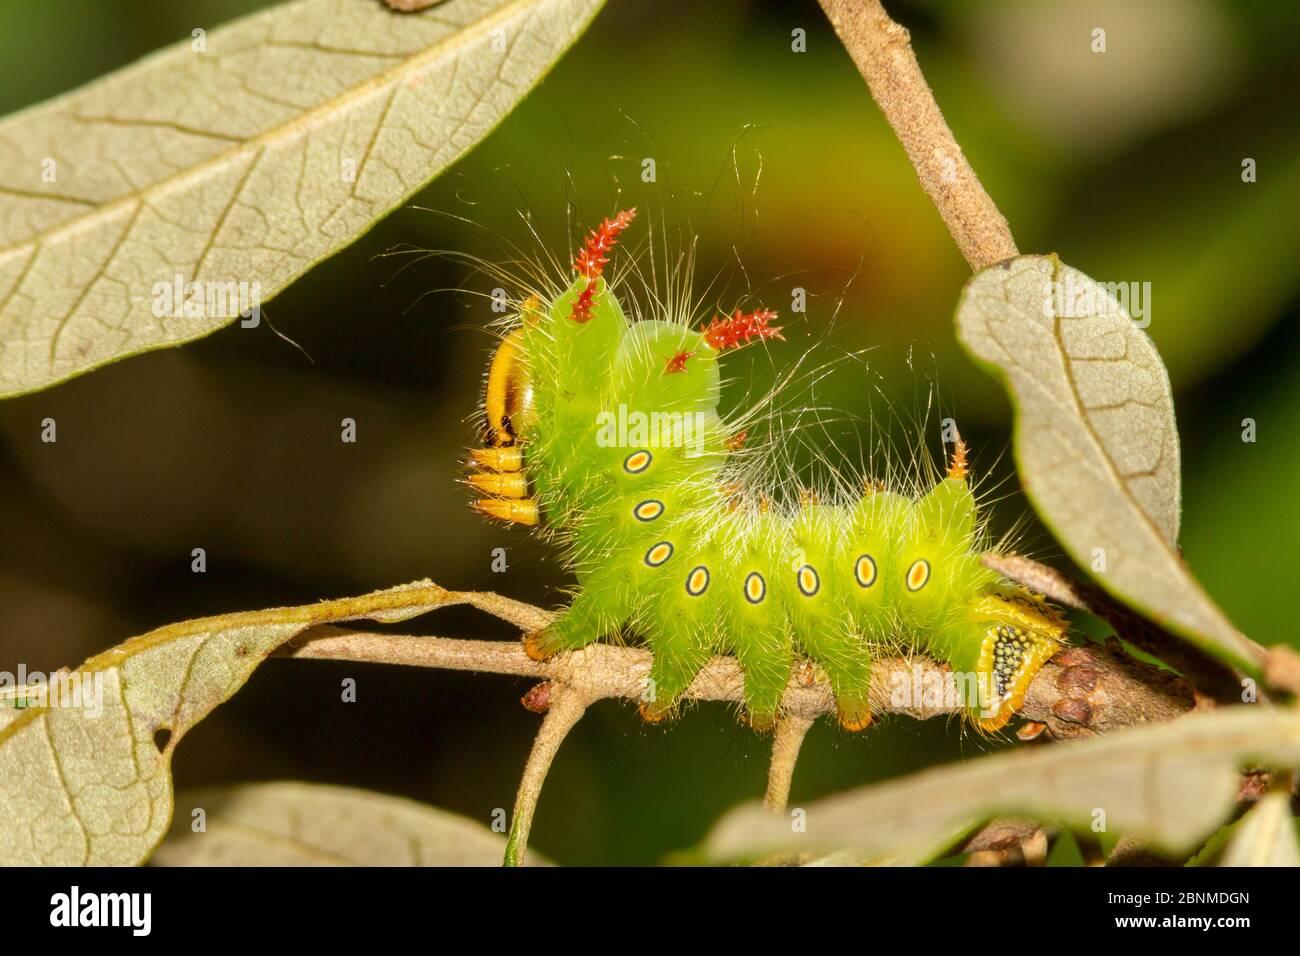 Kaiserliche Motte (Eacles imperialis) Raupe, Orange County, Florida, USA September Stockfoto